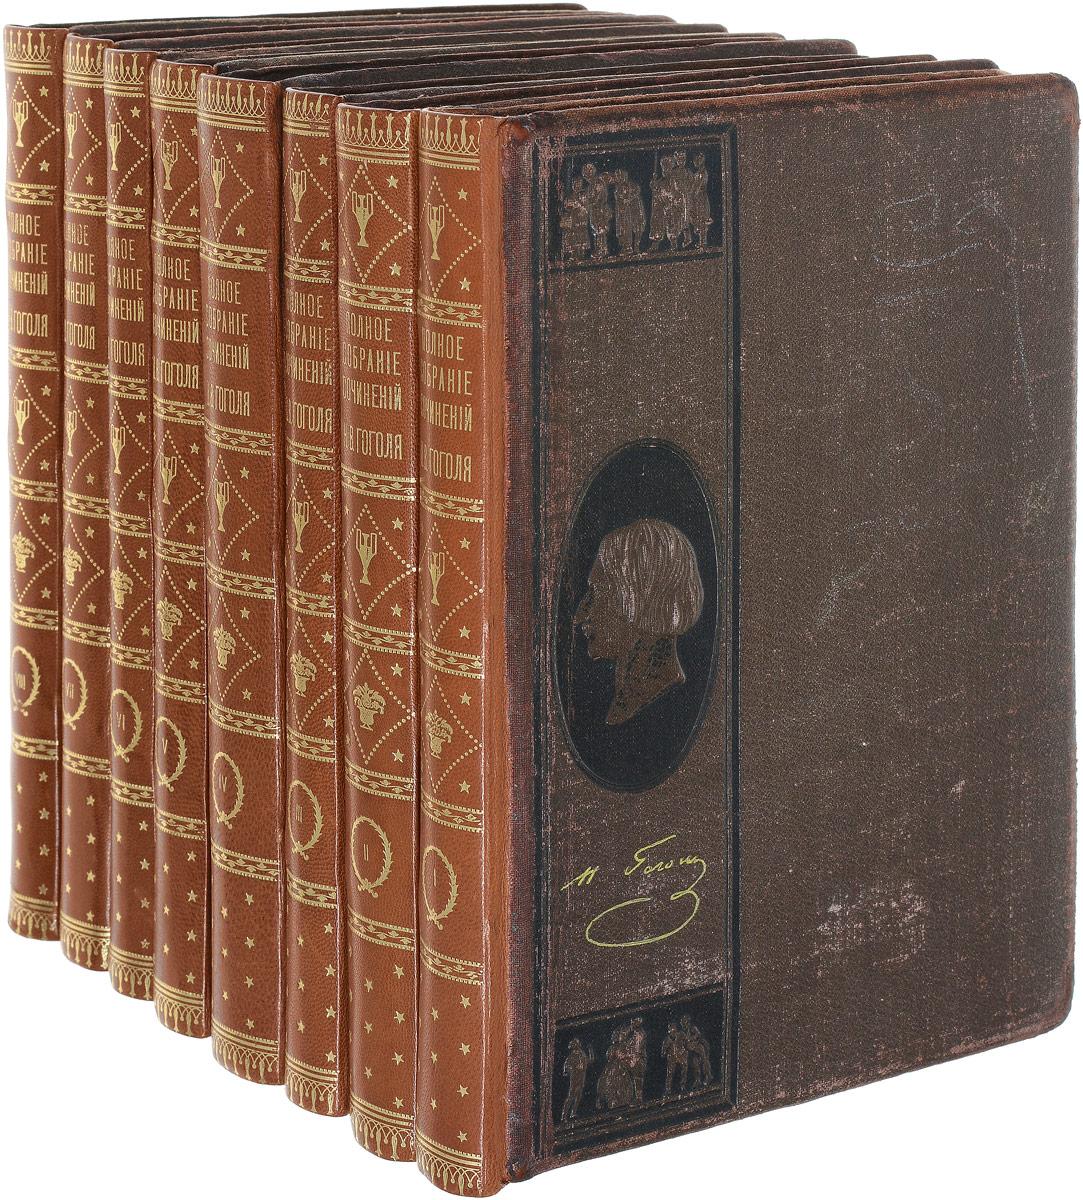 Иллюстрированное полное собрание сочинений Н. В. Гоголя в 8 томах (комплект из 8 книг) the cabinet album views of stirling and neighbourhood